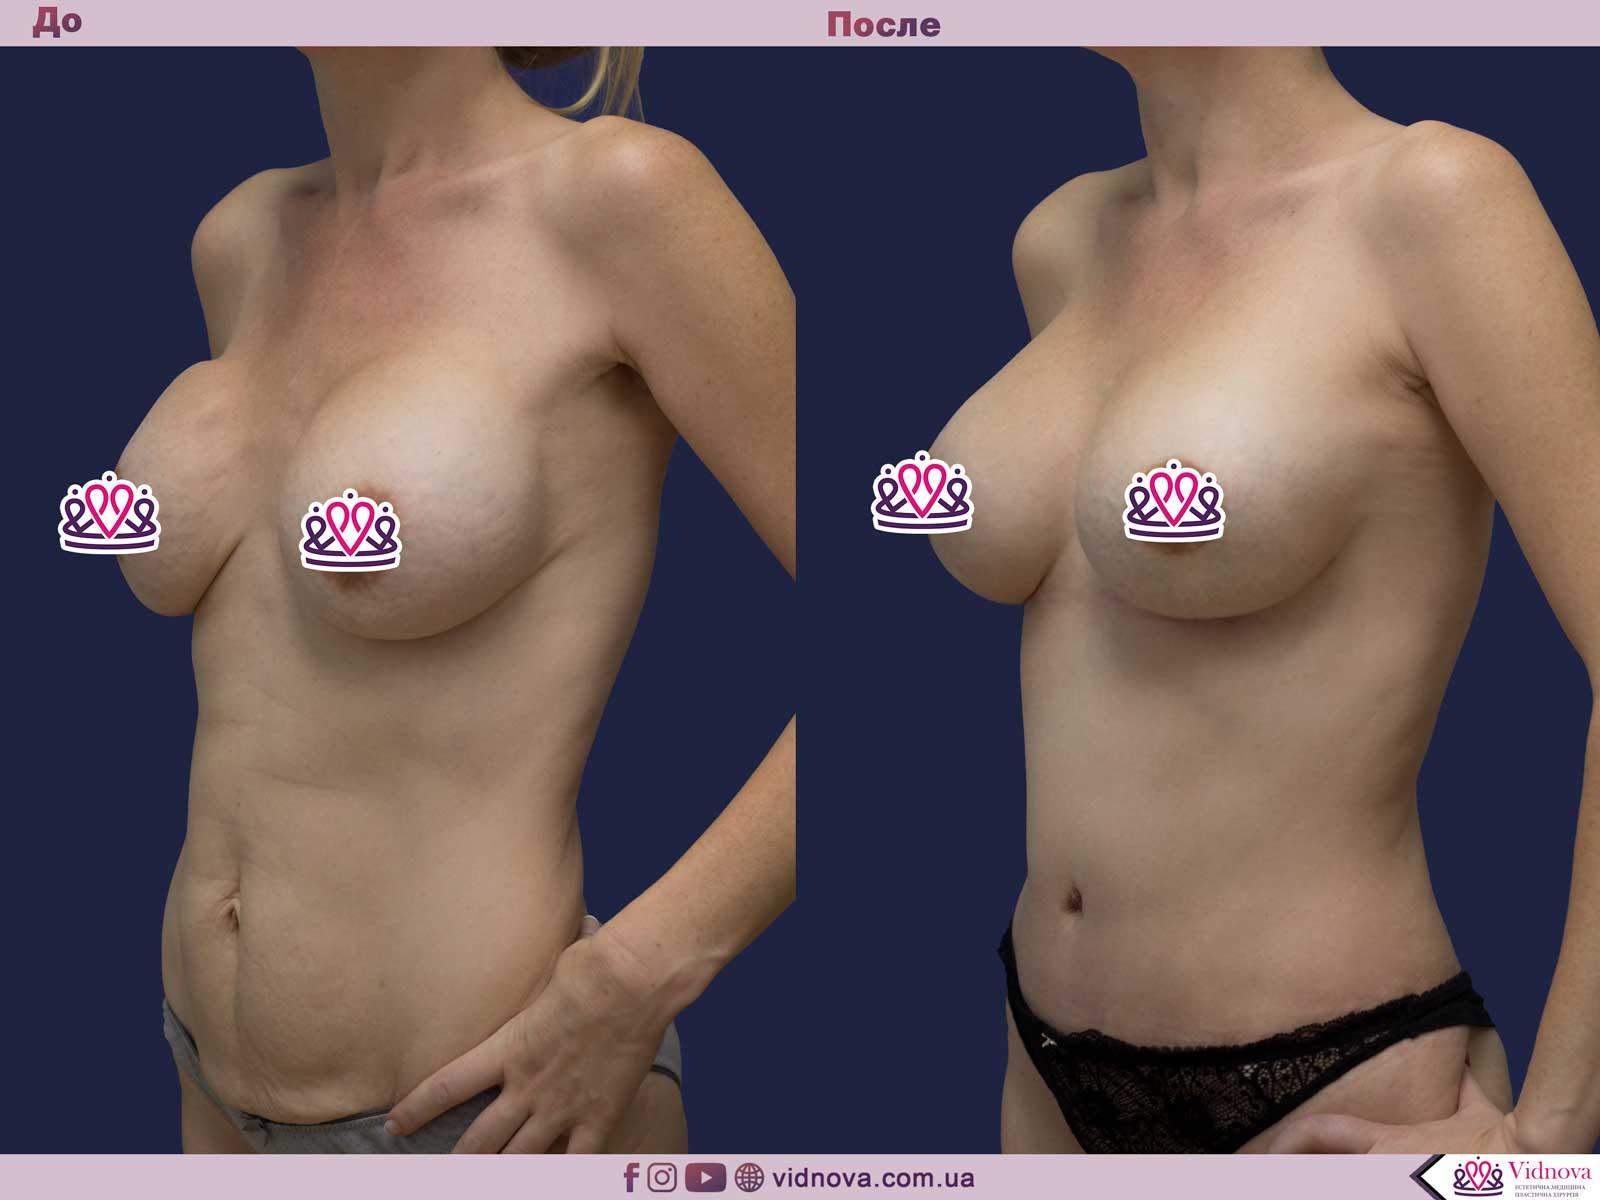 Пластика груди: результаты до и после - Пример №13-1 - Светлана Работенко